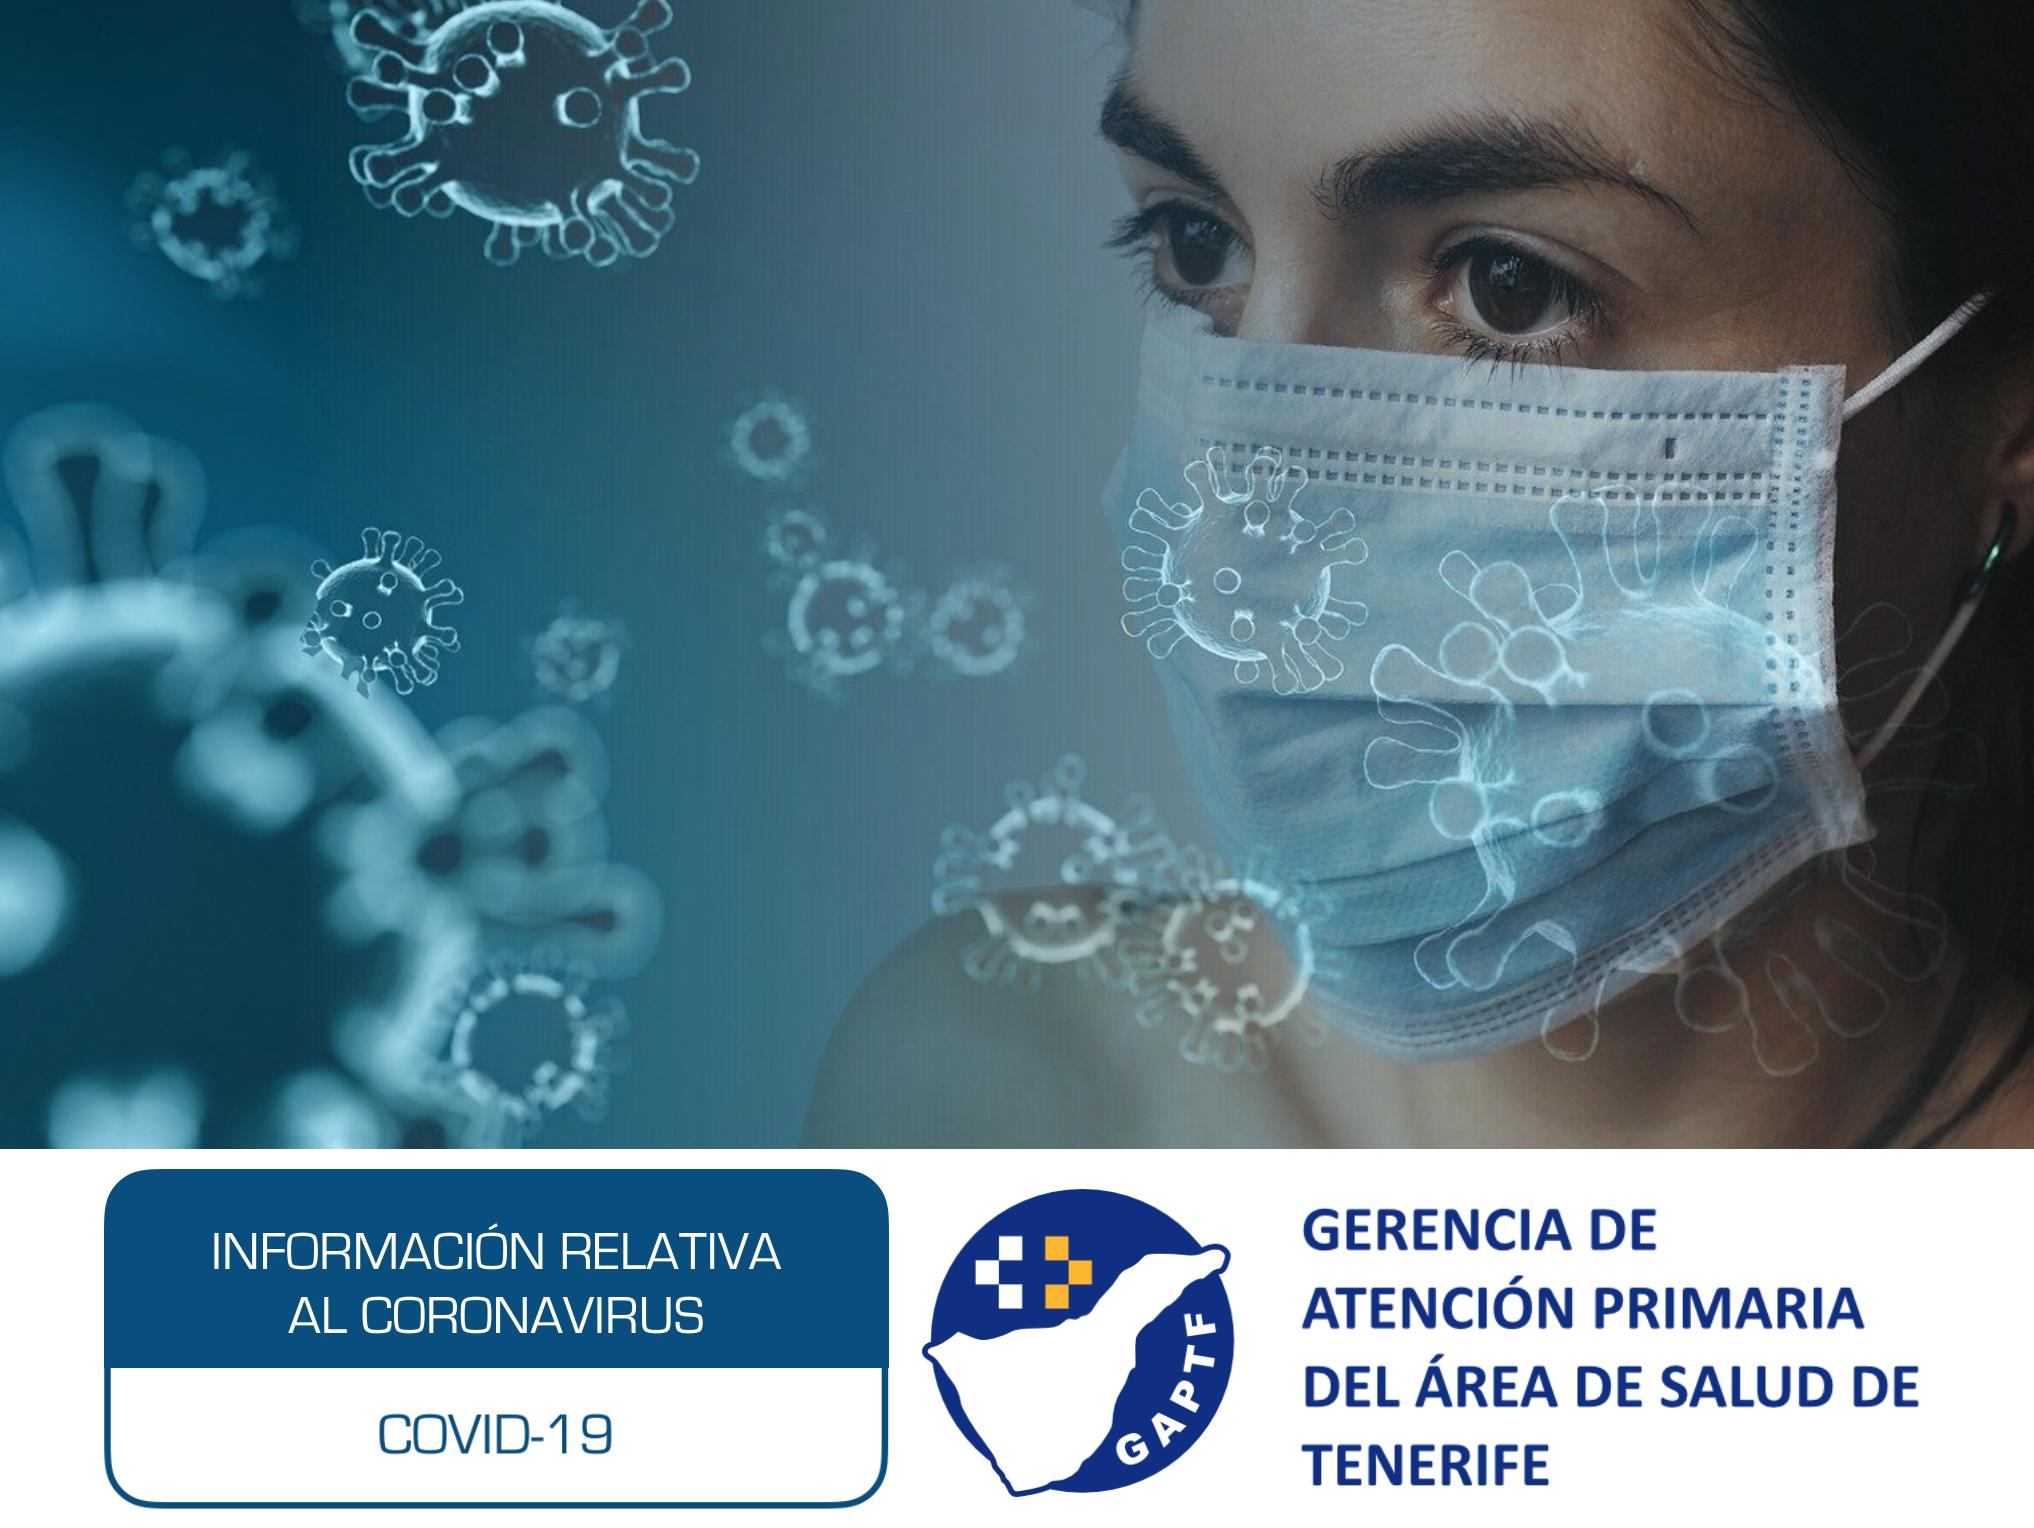 Información relativa al Coronavirus, COVID-19